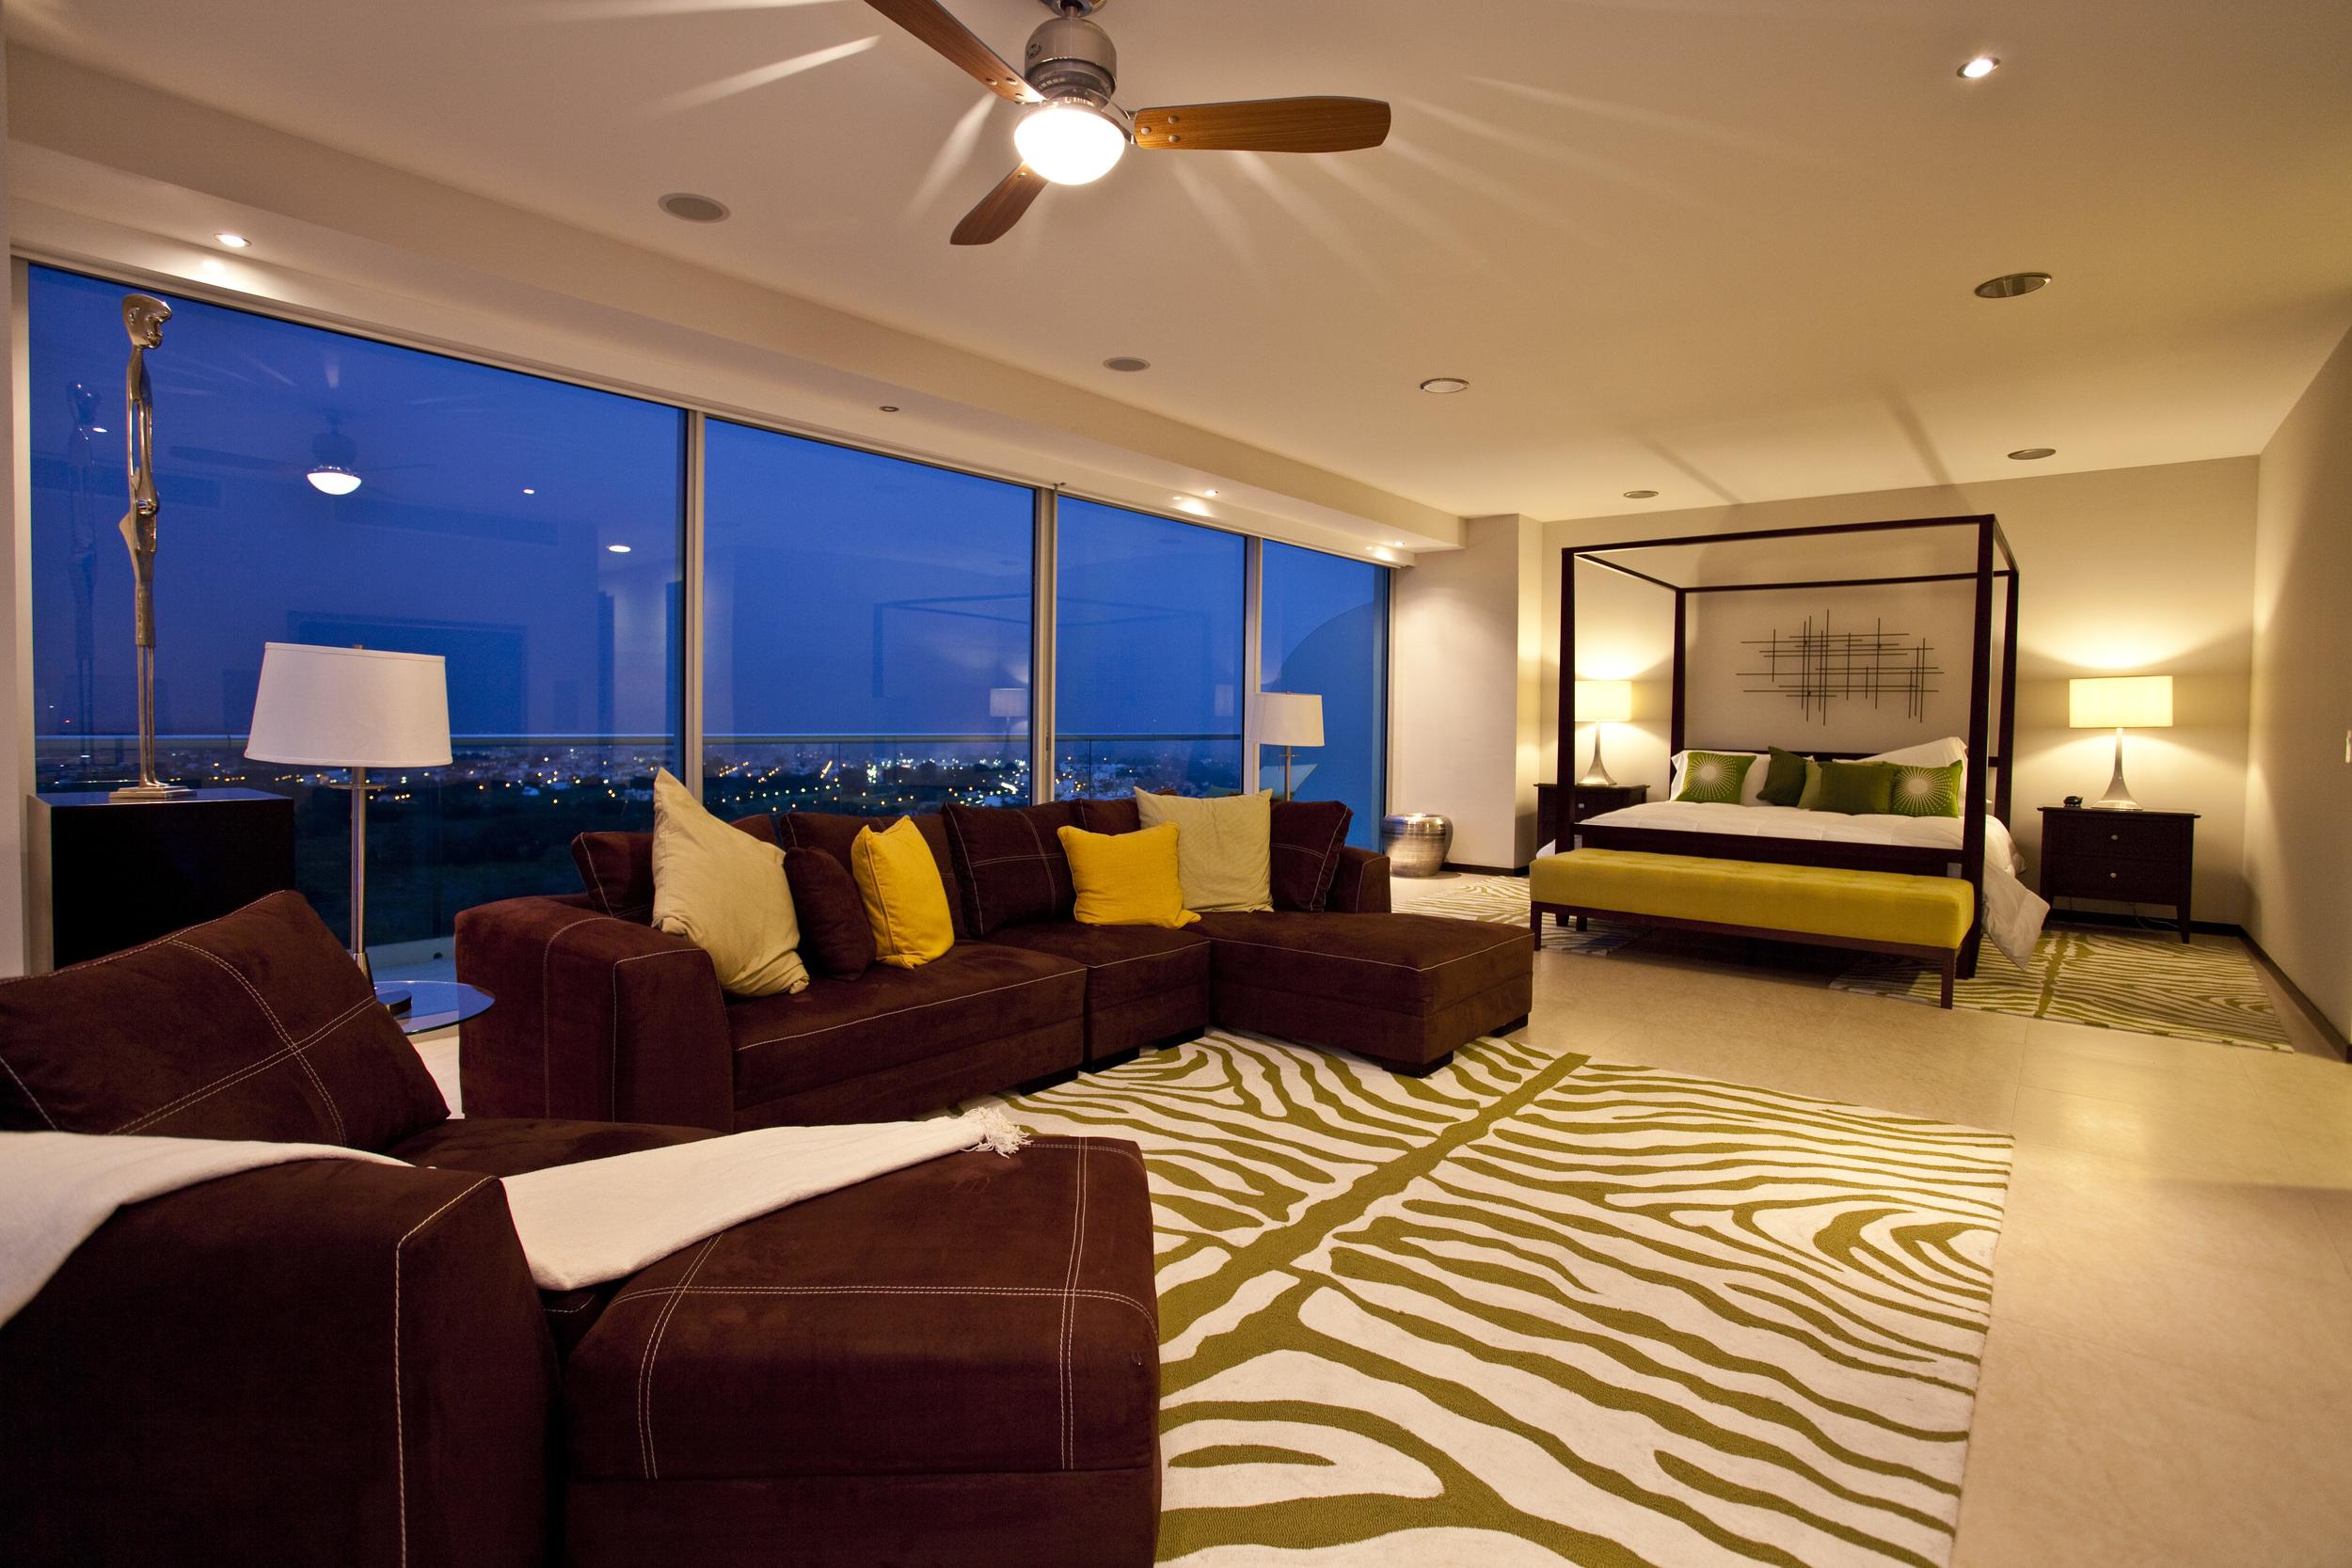 Luxury Puerto Vallarta beachfront rental condo